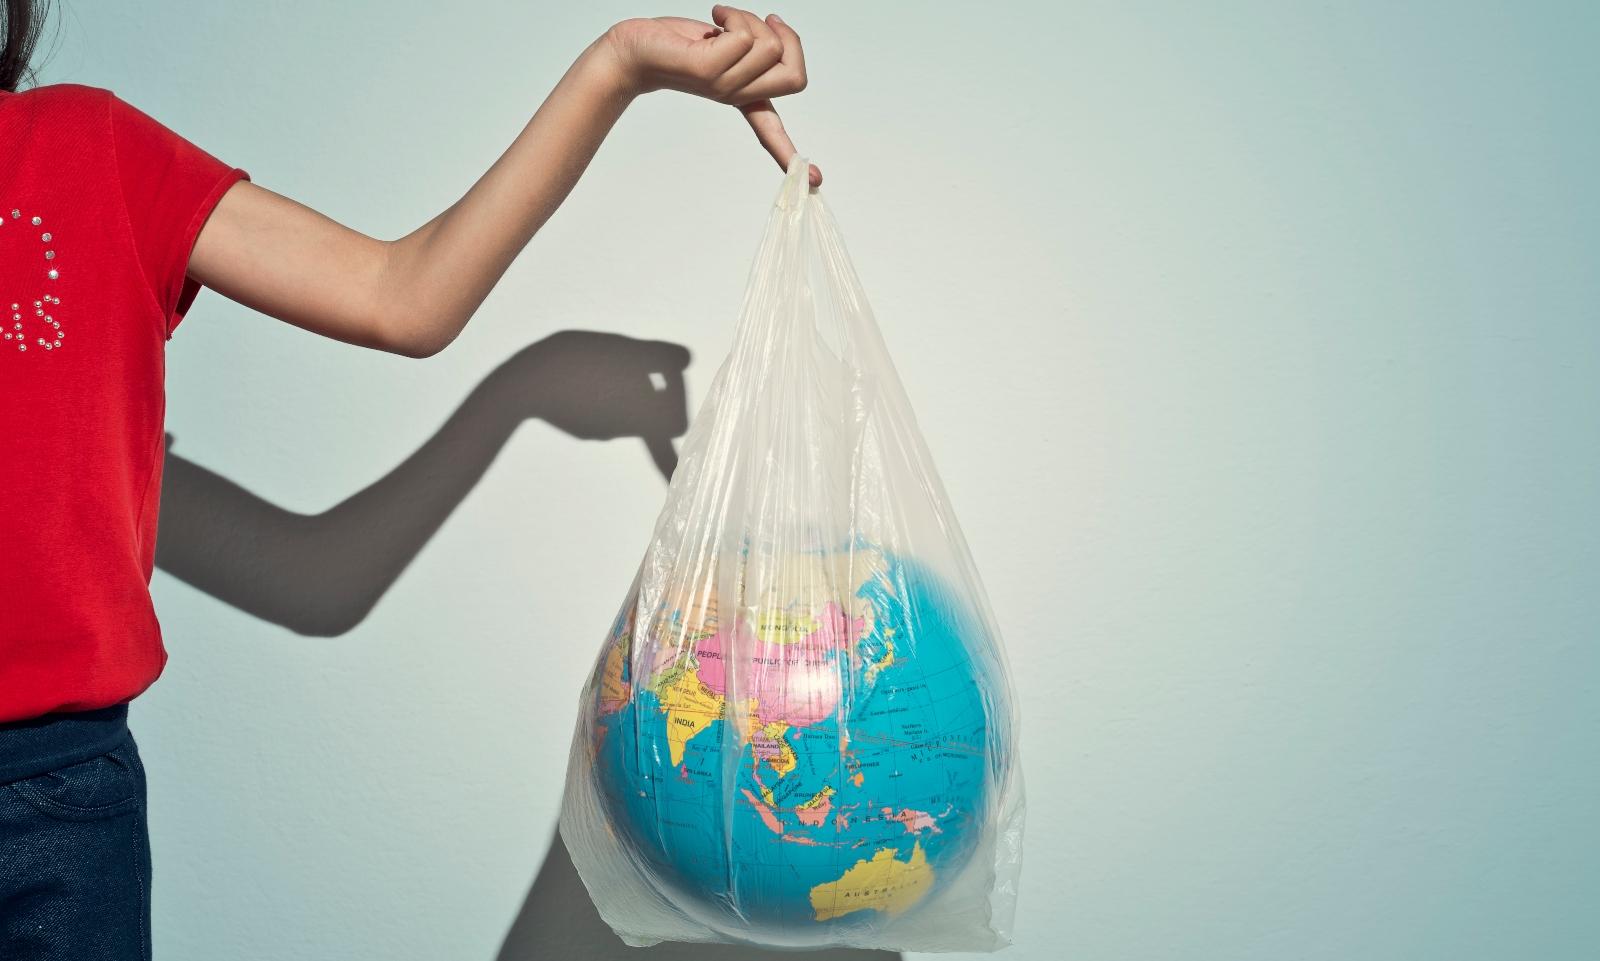 Women holding plastic bag